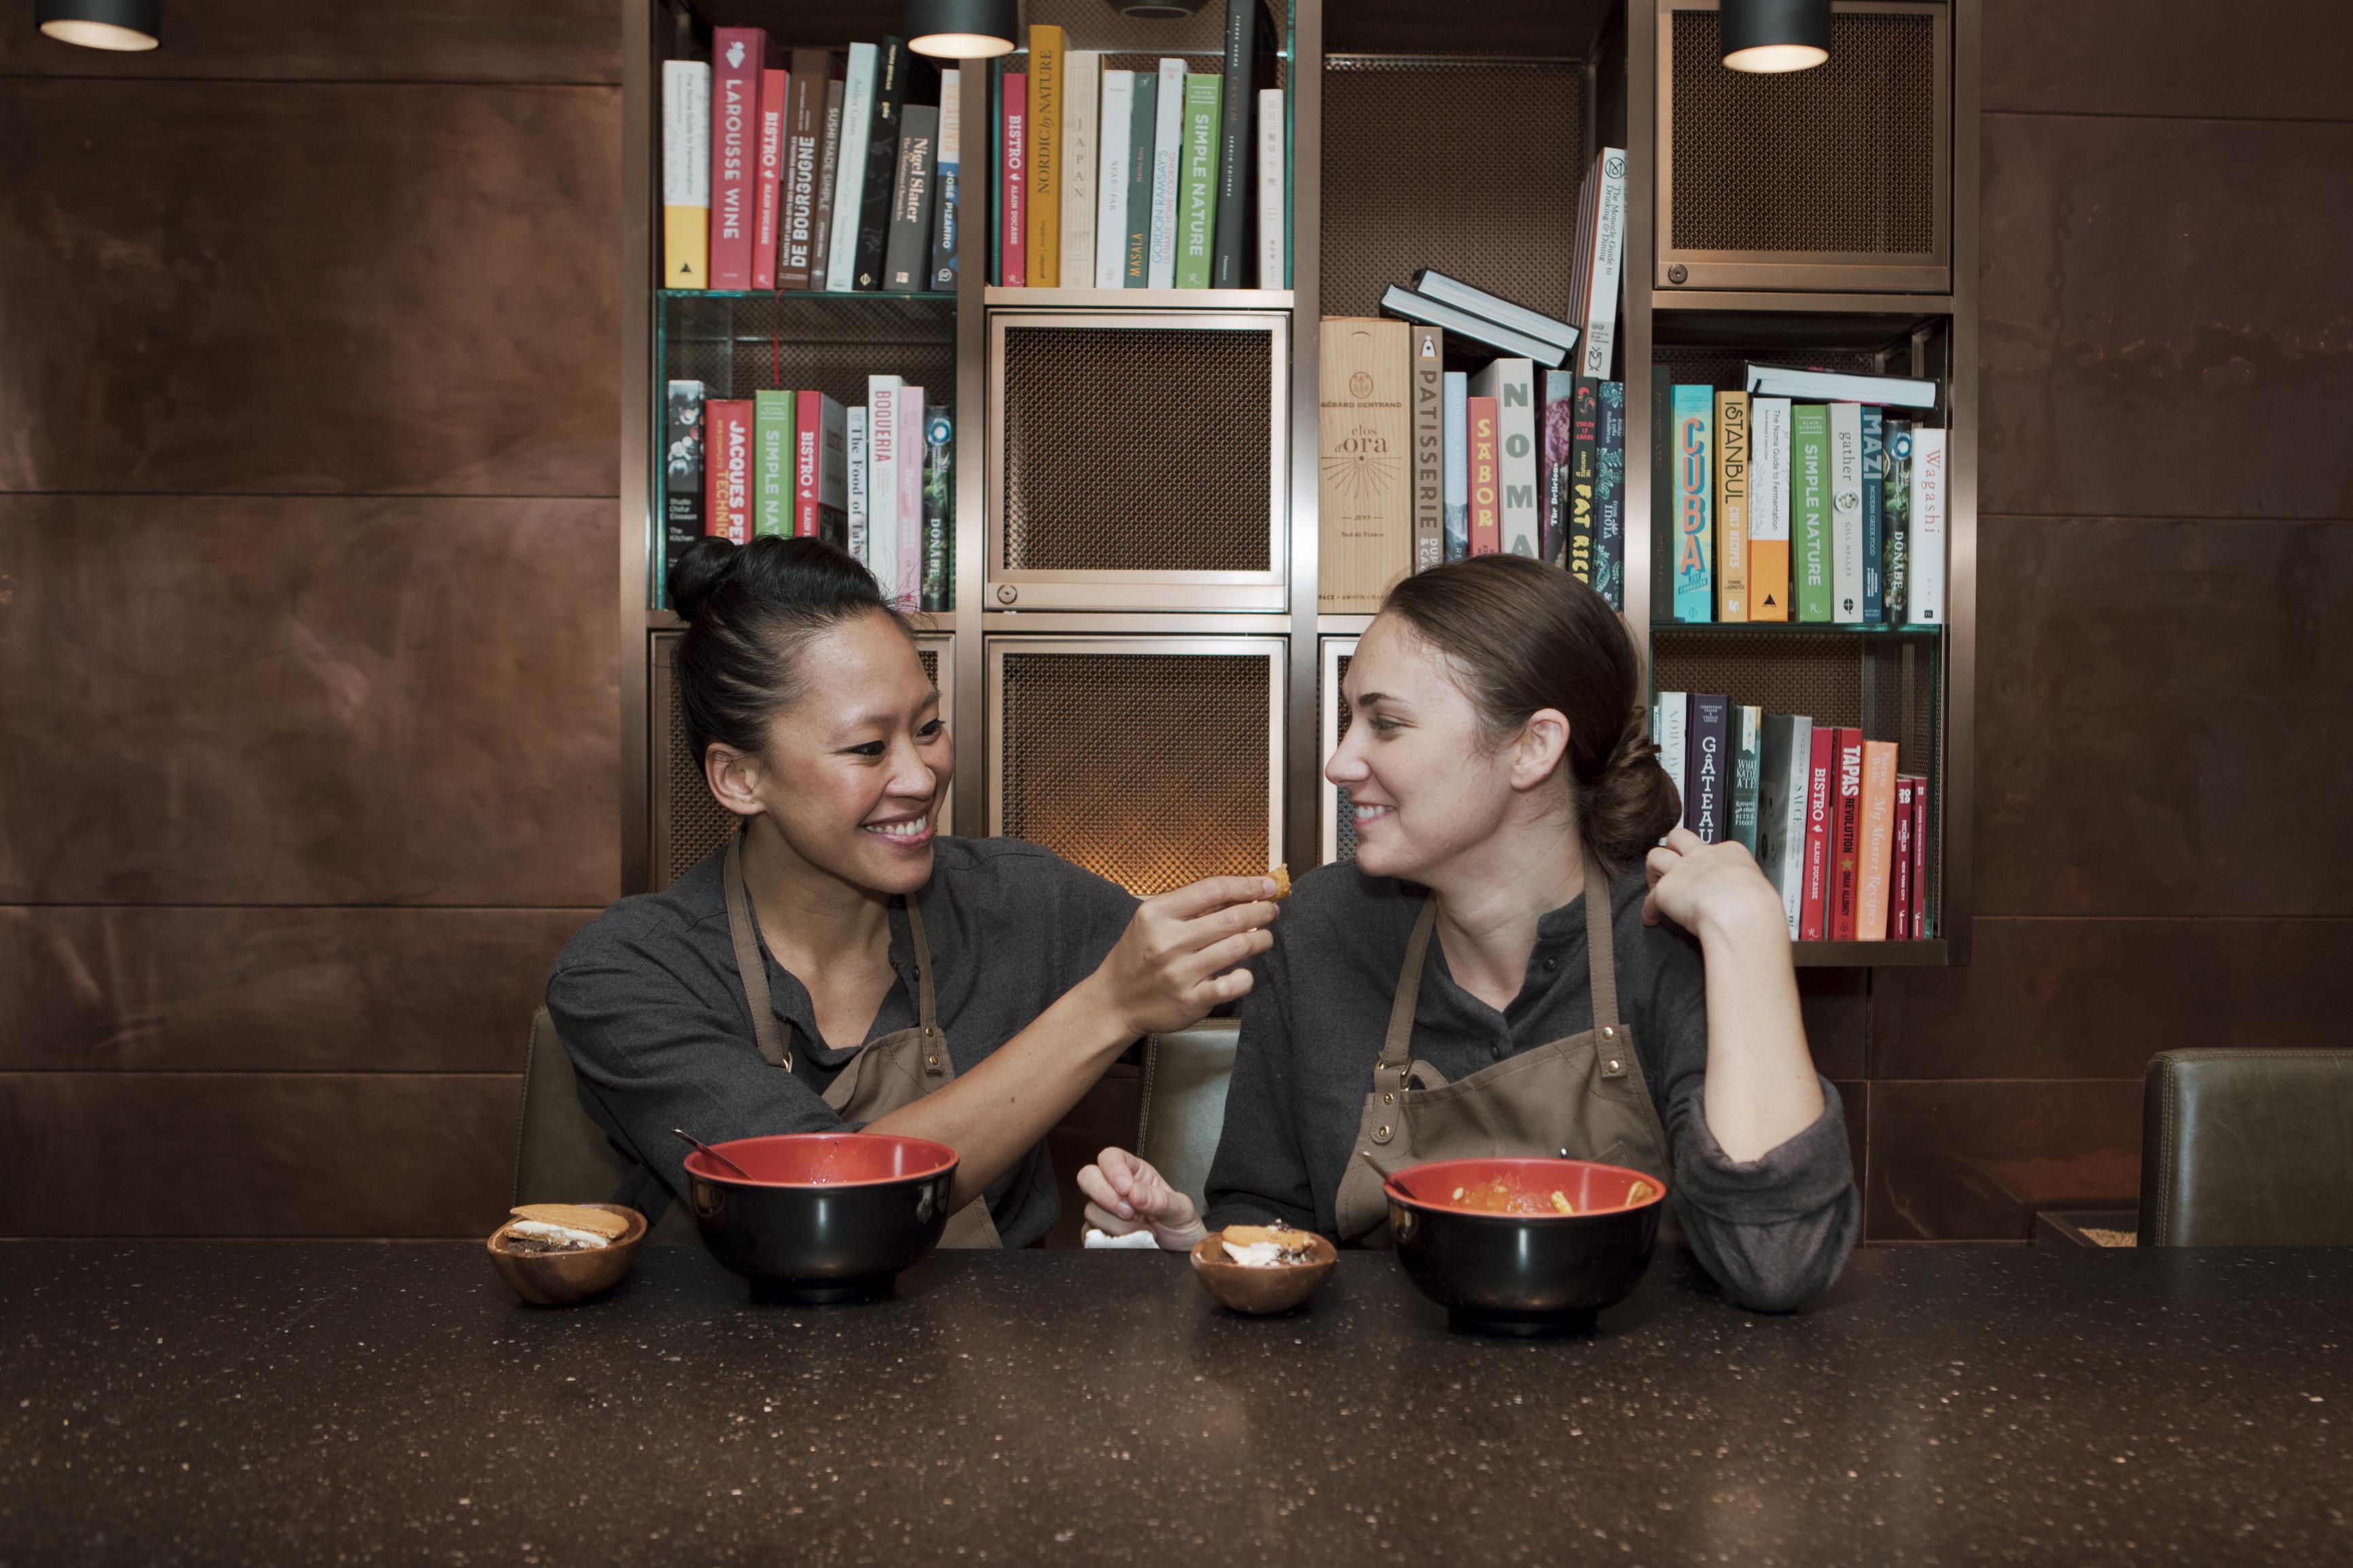 添加愛滋味的在地鮮饗宴,Chefs Club Taipei女同志情侶主廚Aisha與Samantha:我們的風格無法定義